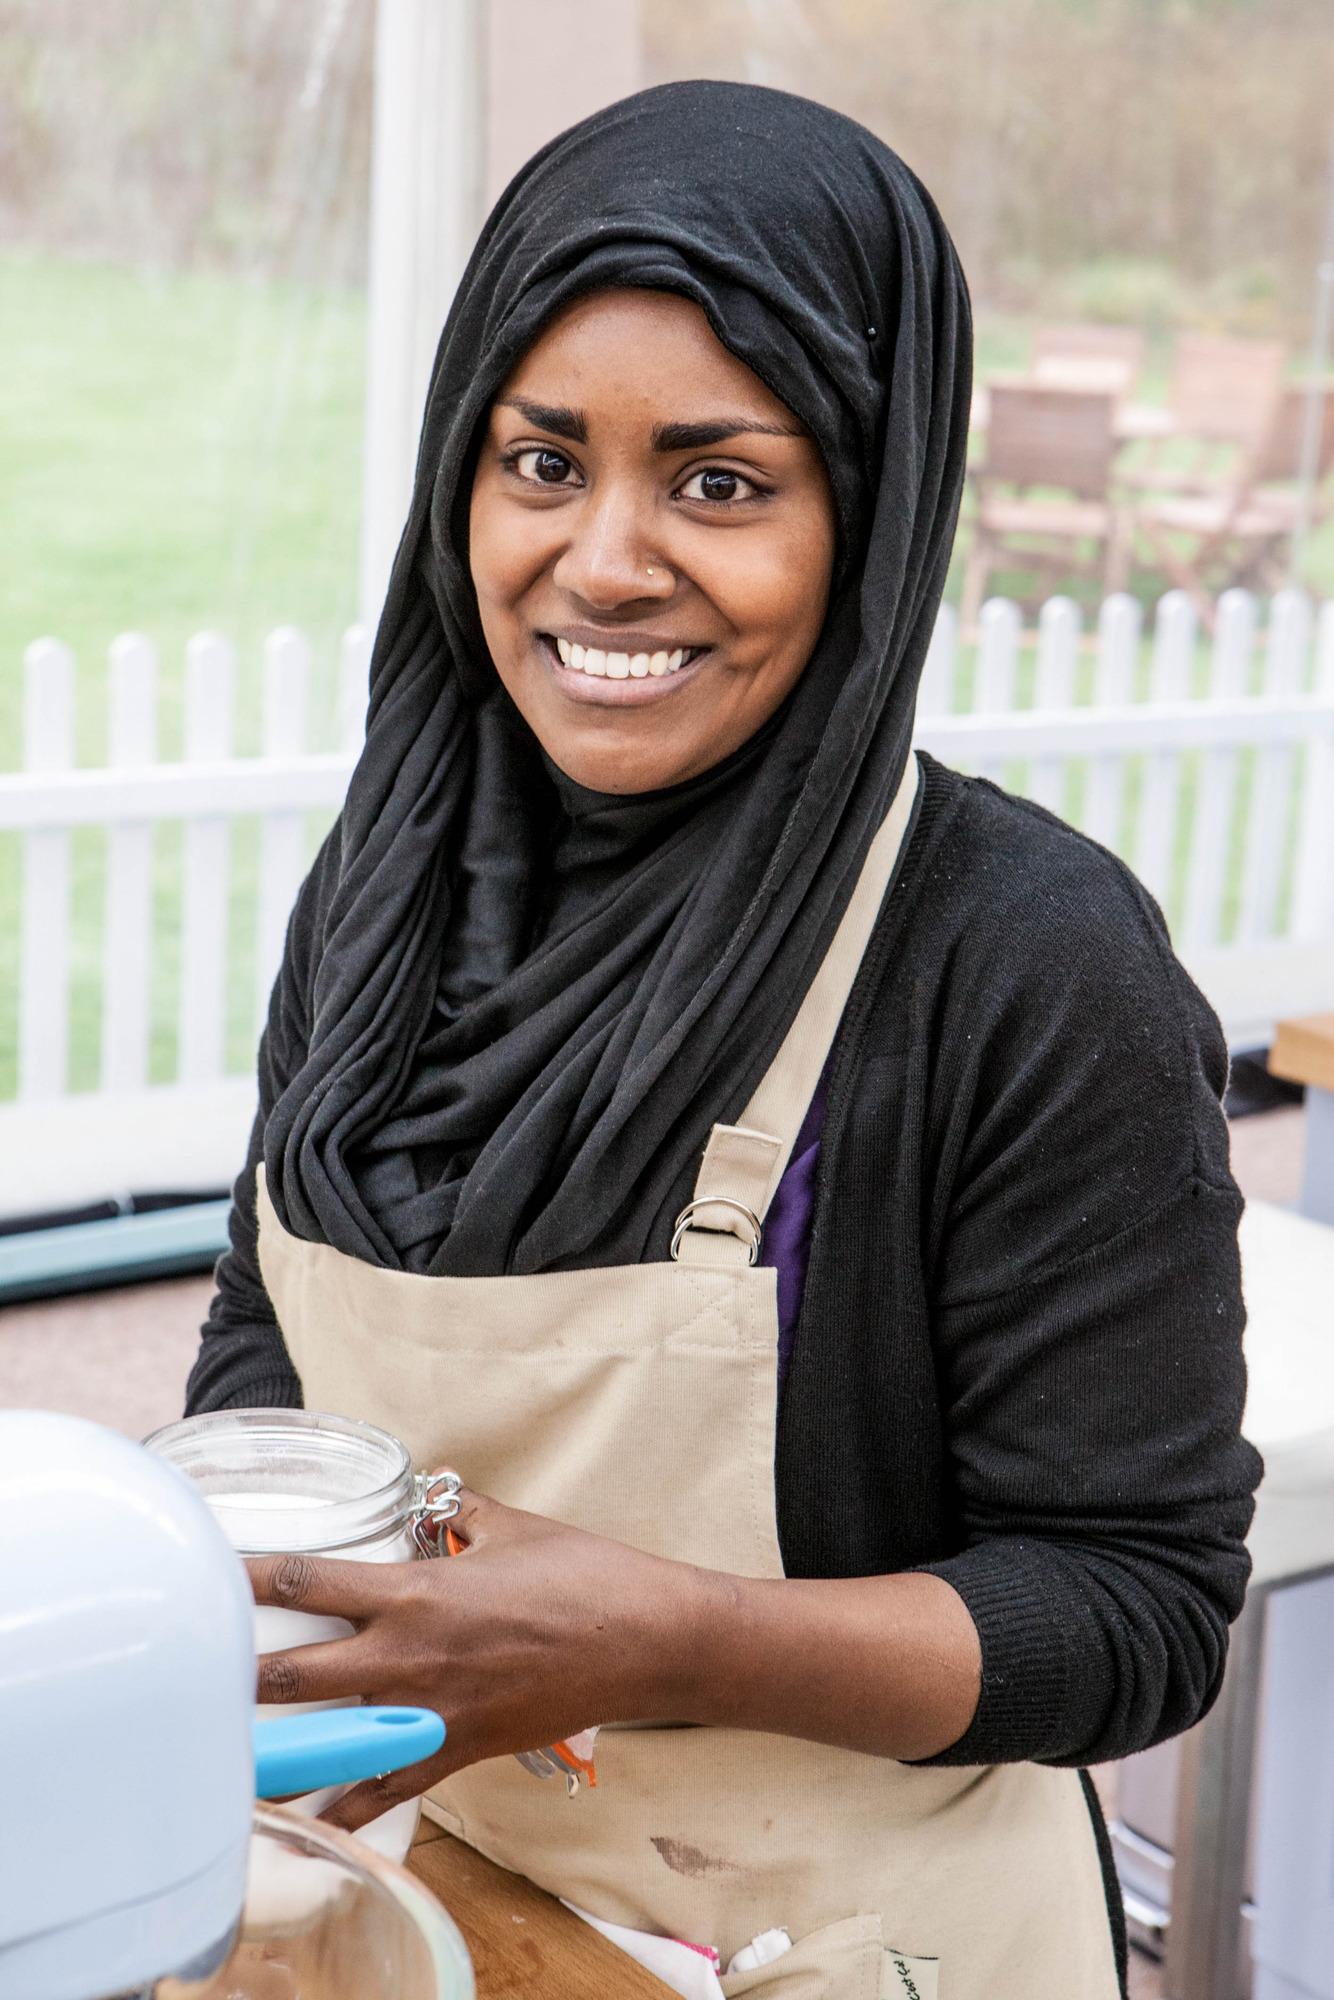 Nadiya from The Great British Bake Off